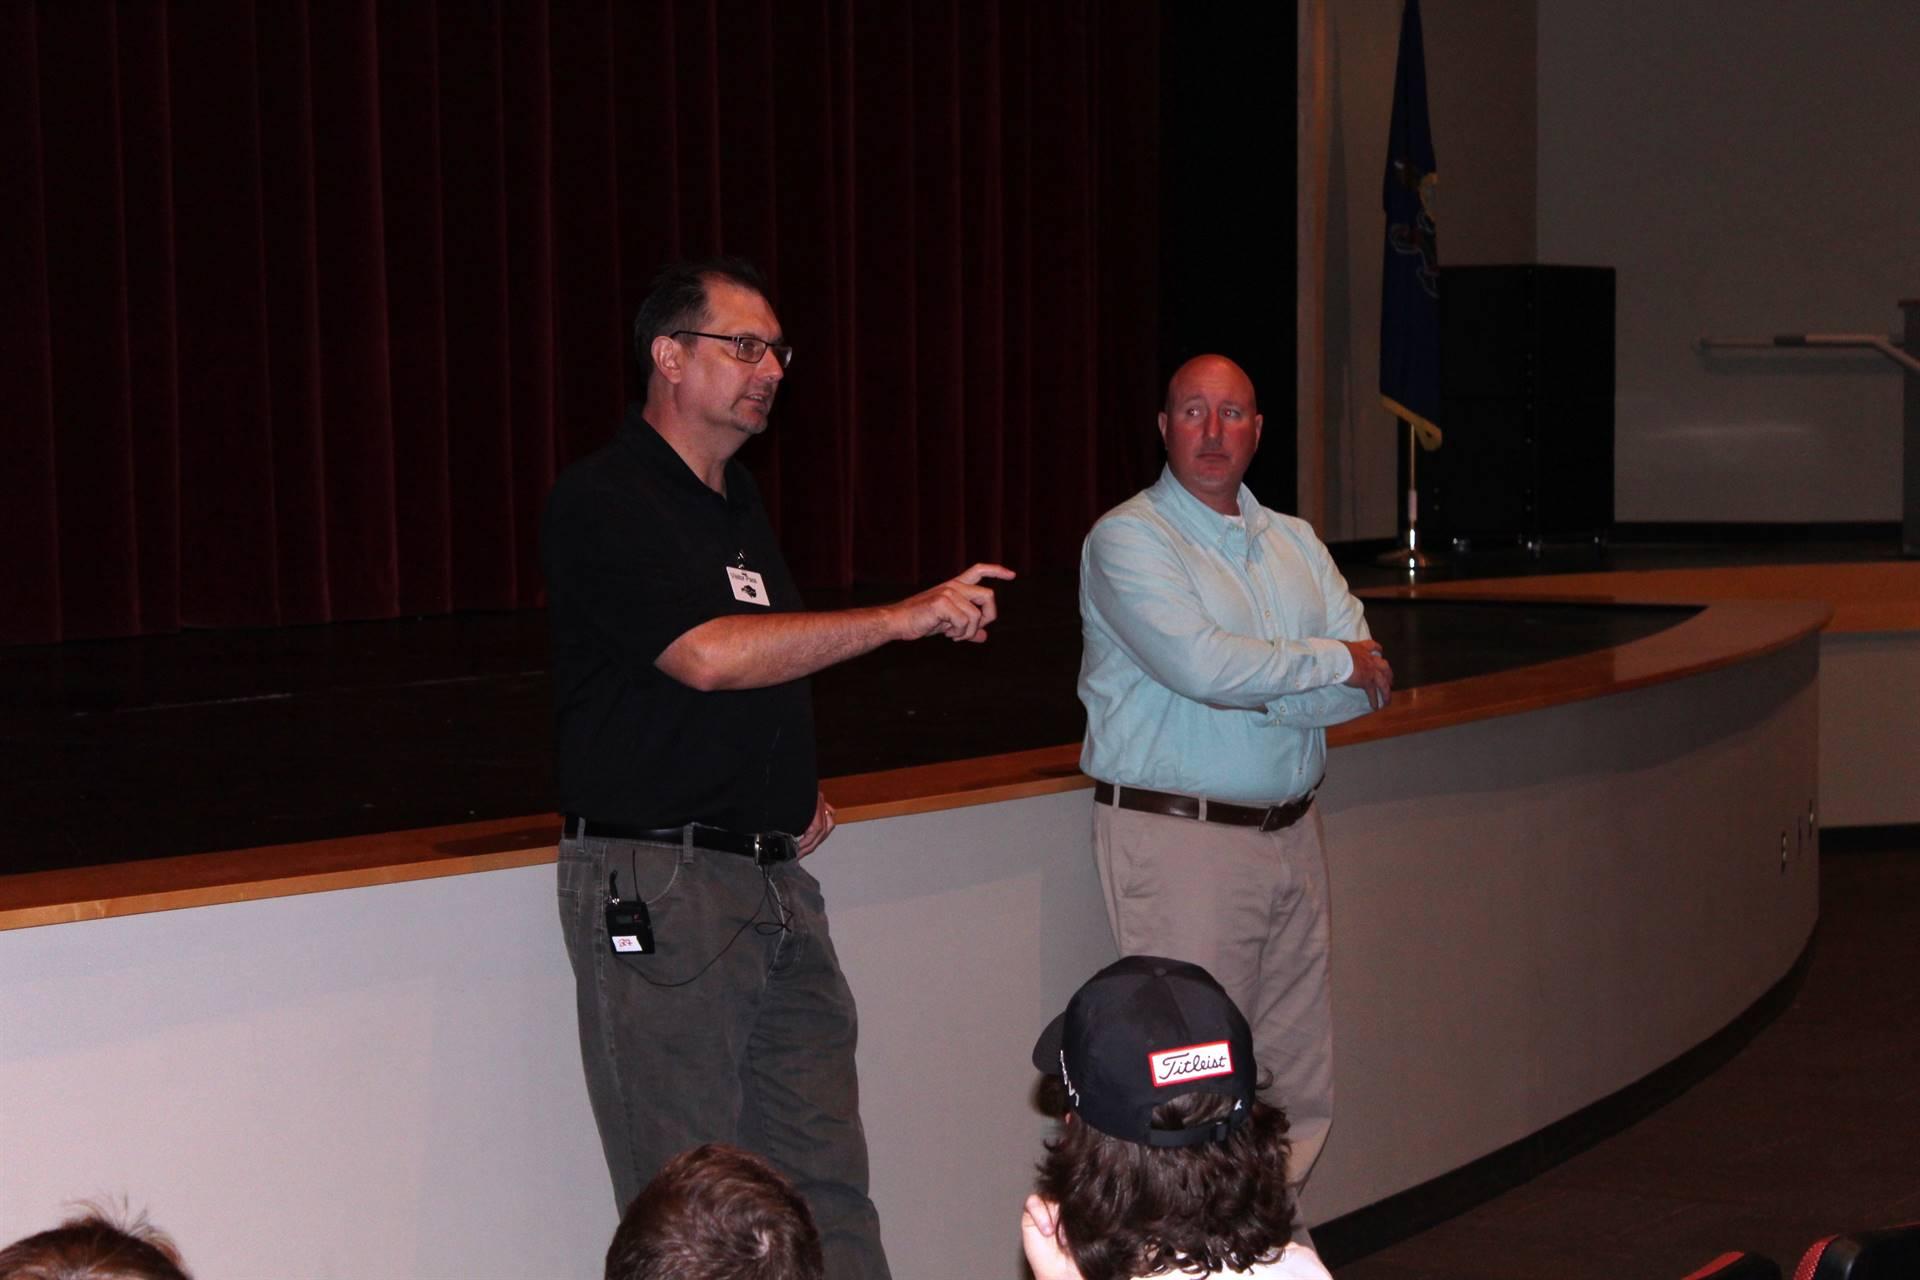 Mr. Barkley and BPHS Social Studies Teacher Mr. DiPrampero